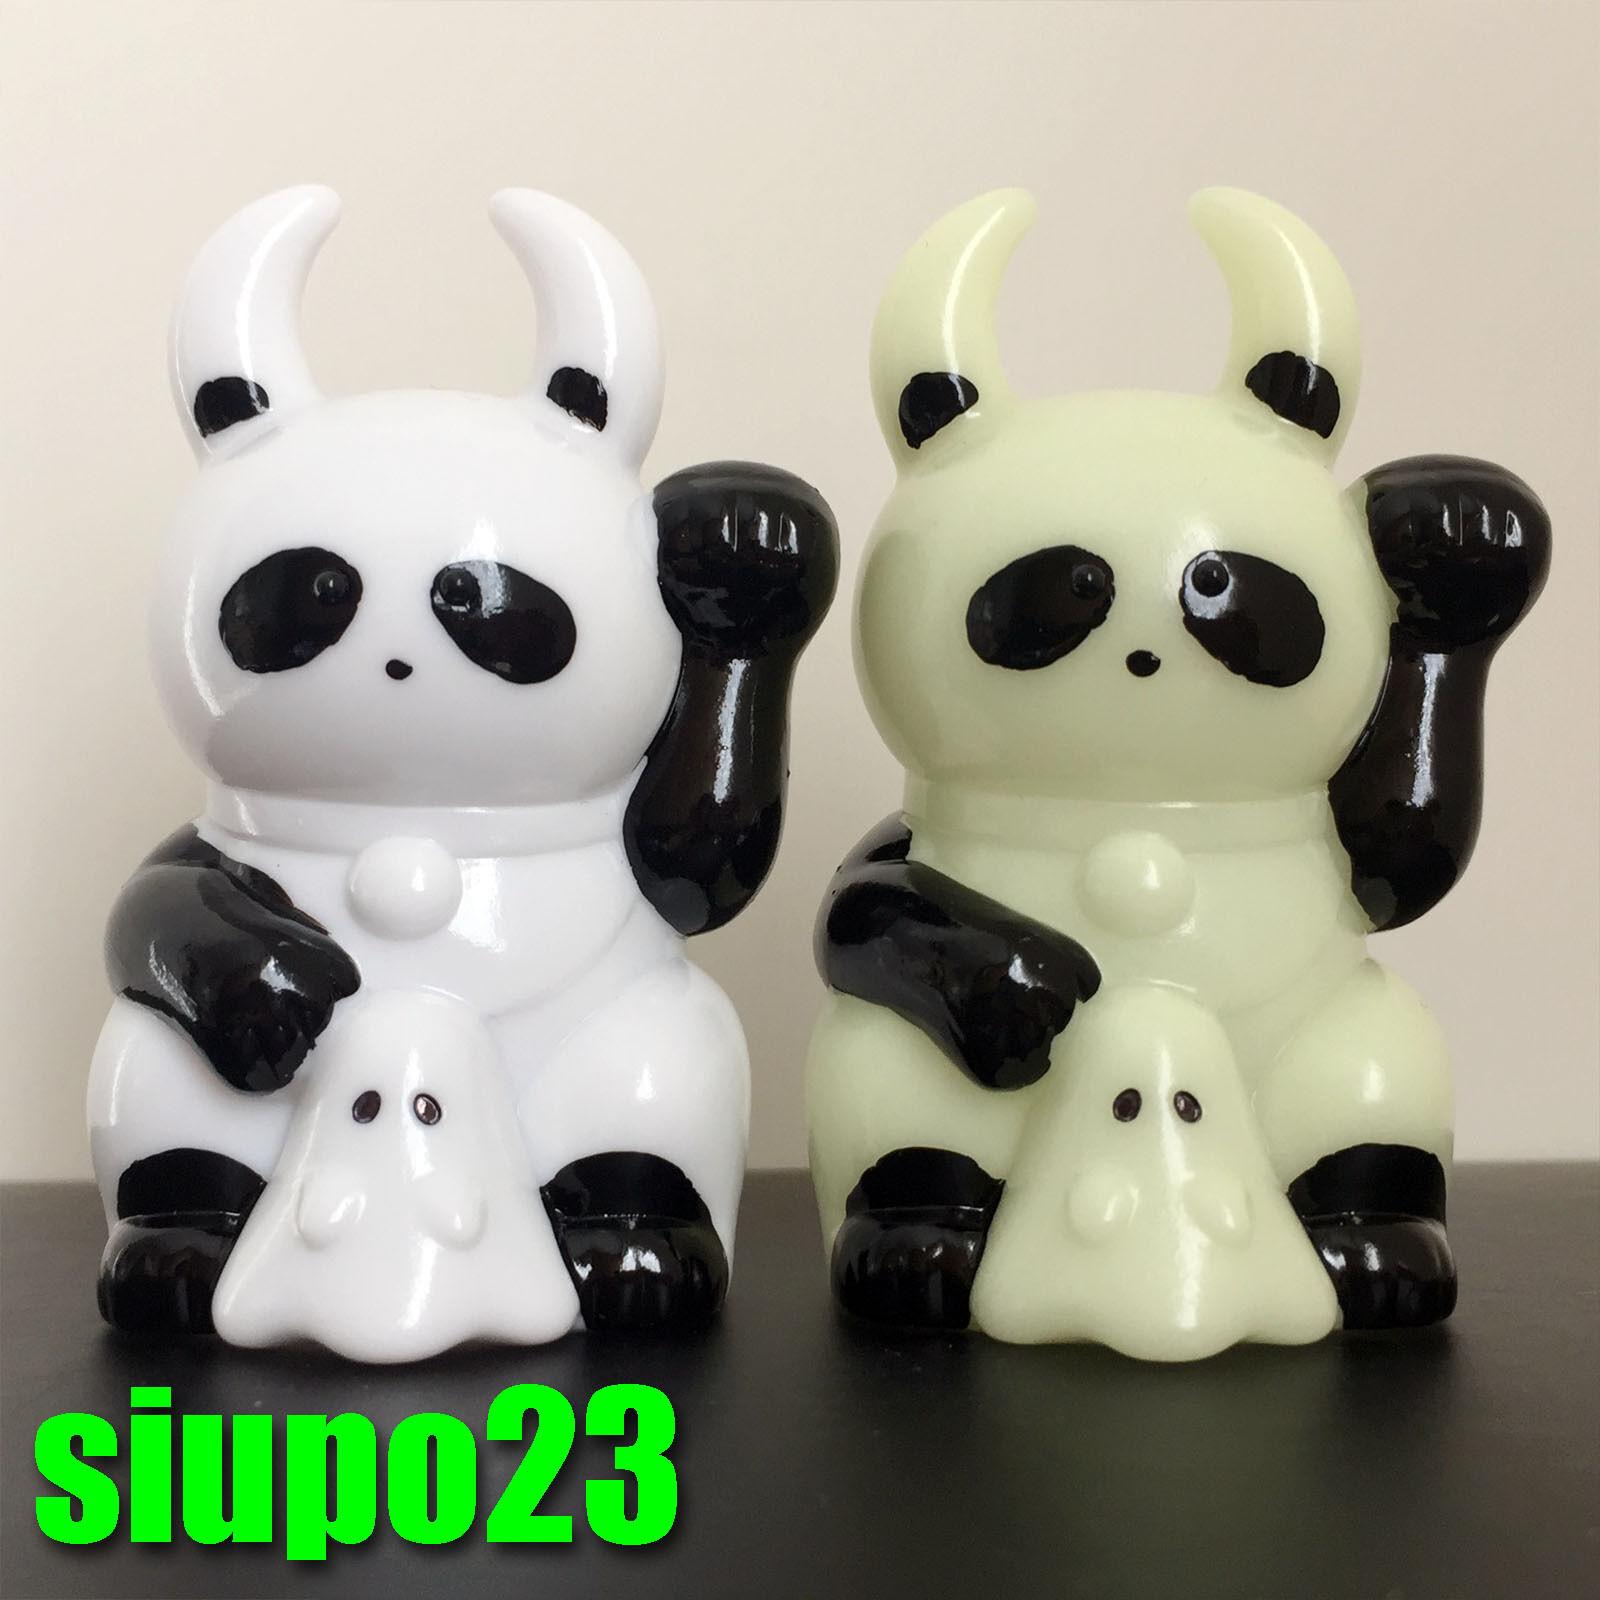 Ayako Takagi uamou  la fortuna uamou X yamashiroya Panda blancoo Y GID versión